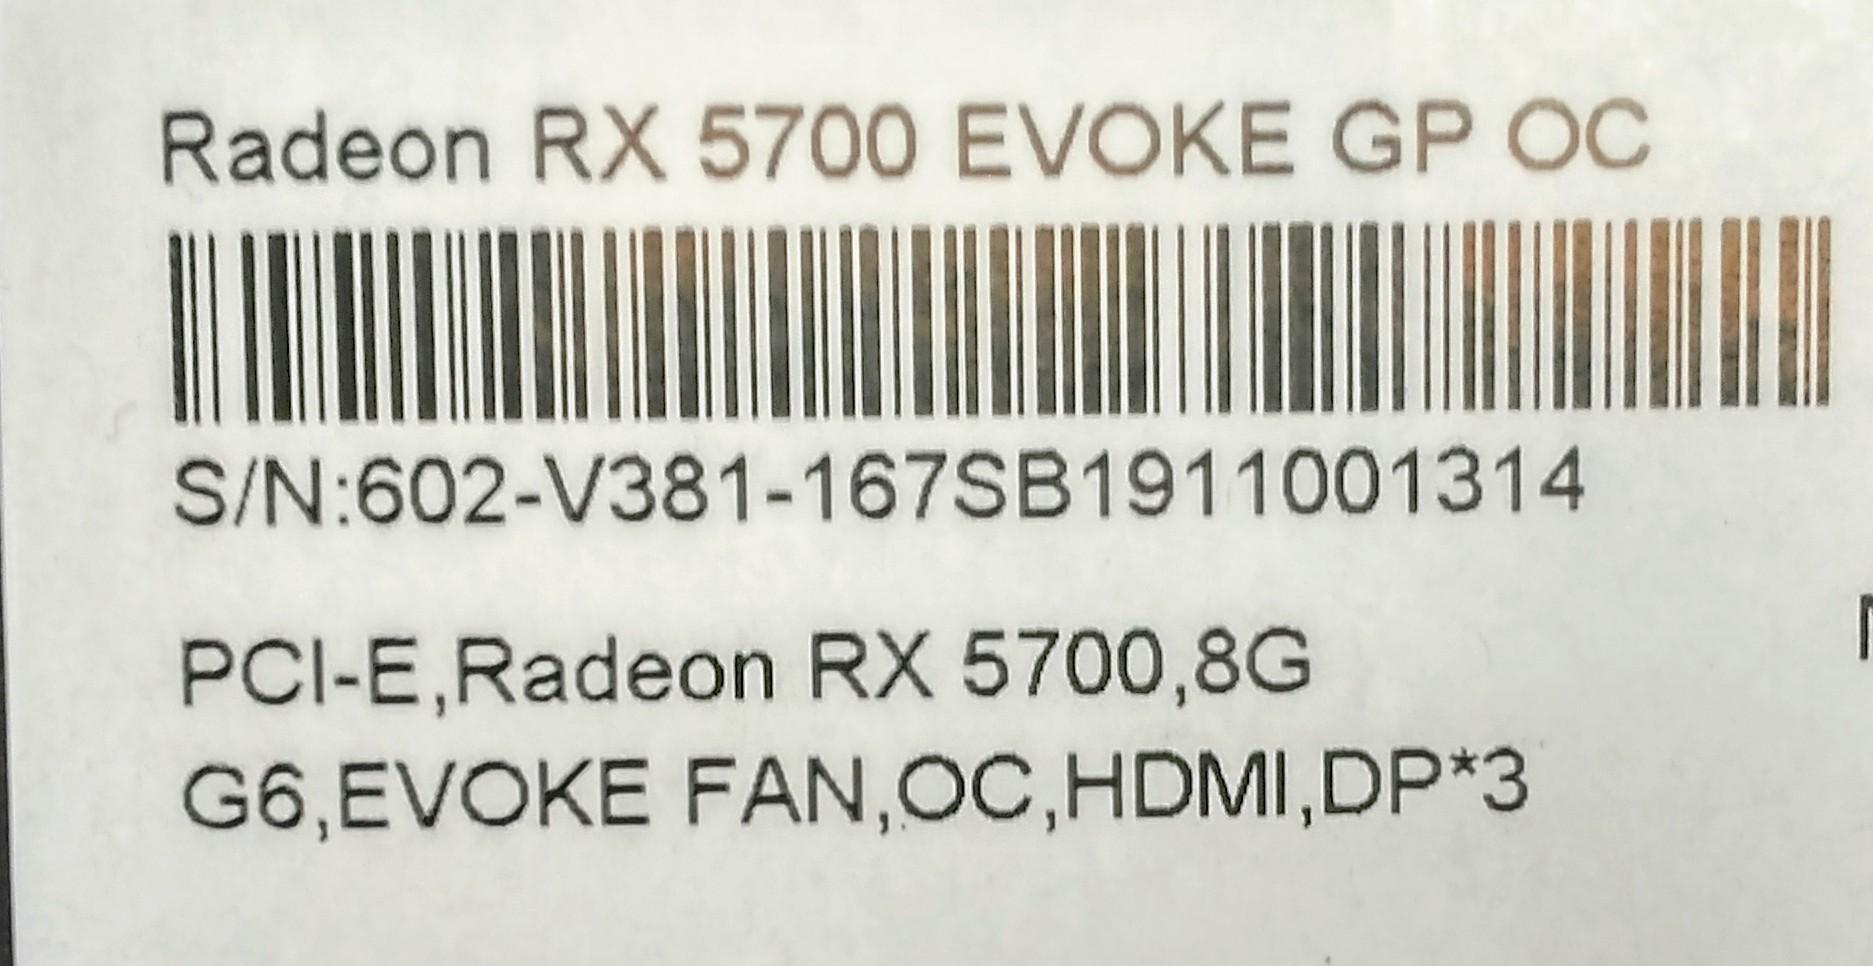 MSI_5700_Evoke_GP_OC.jpg